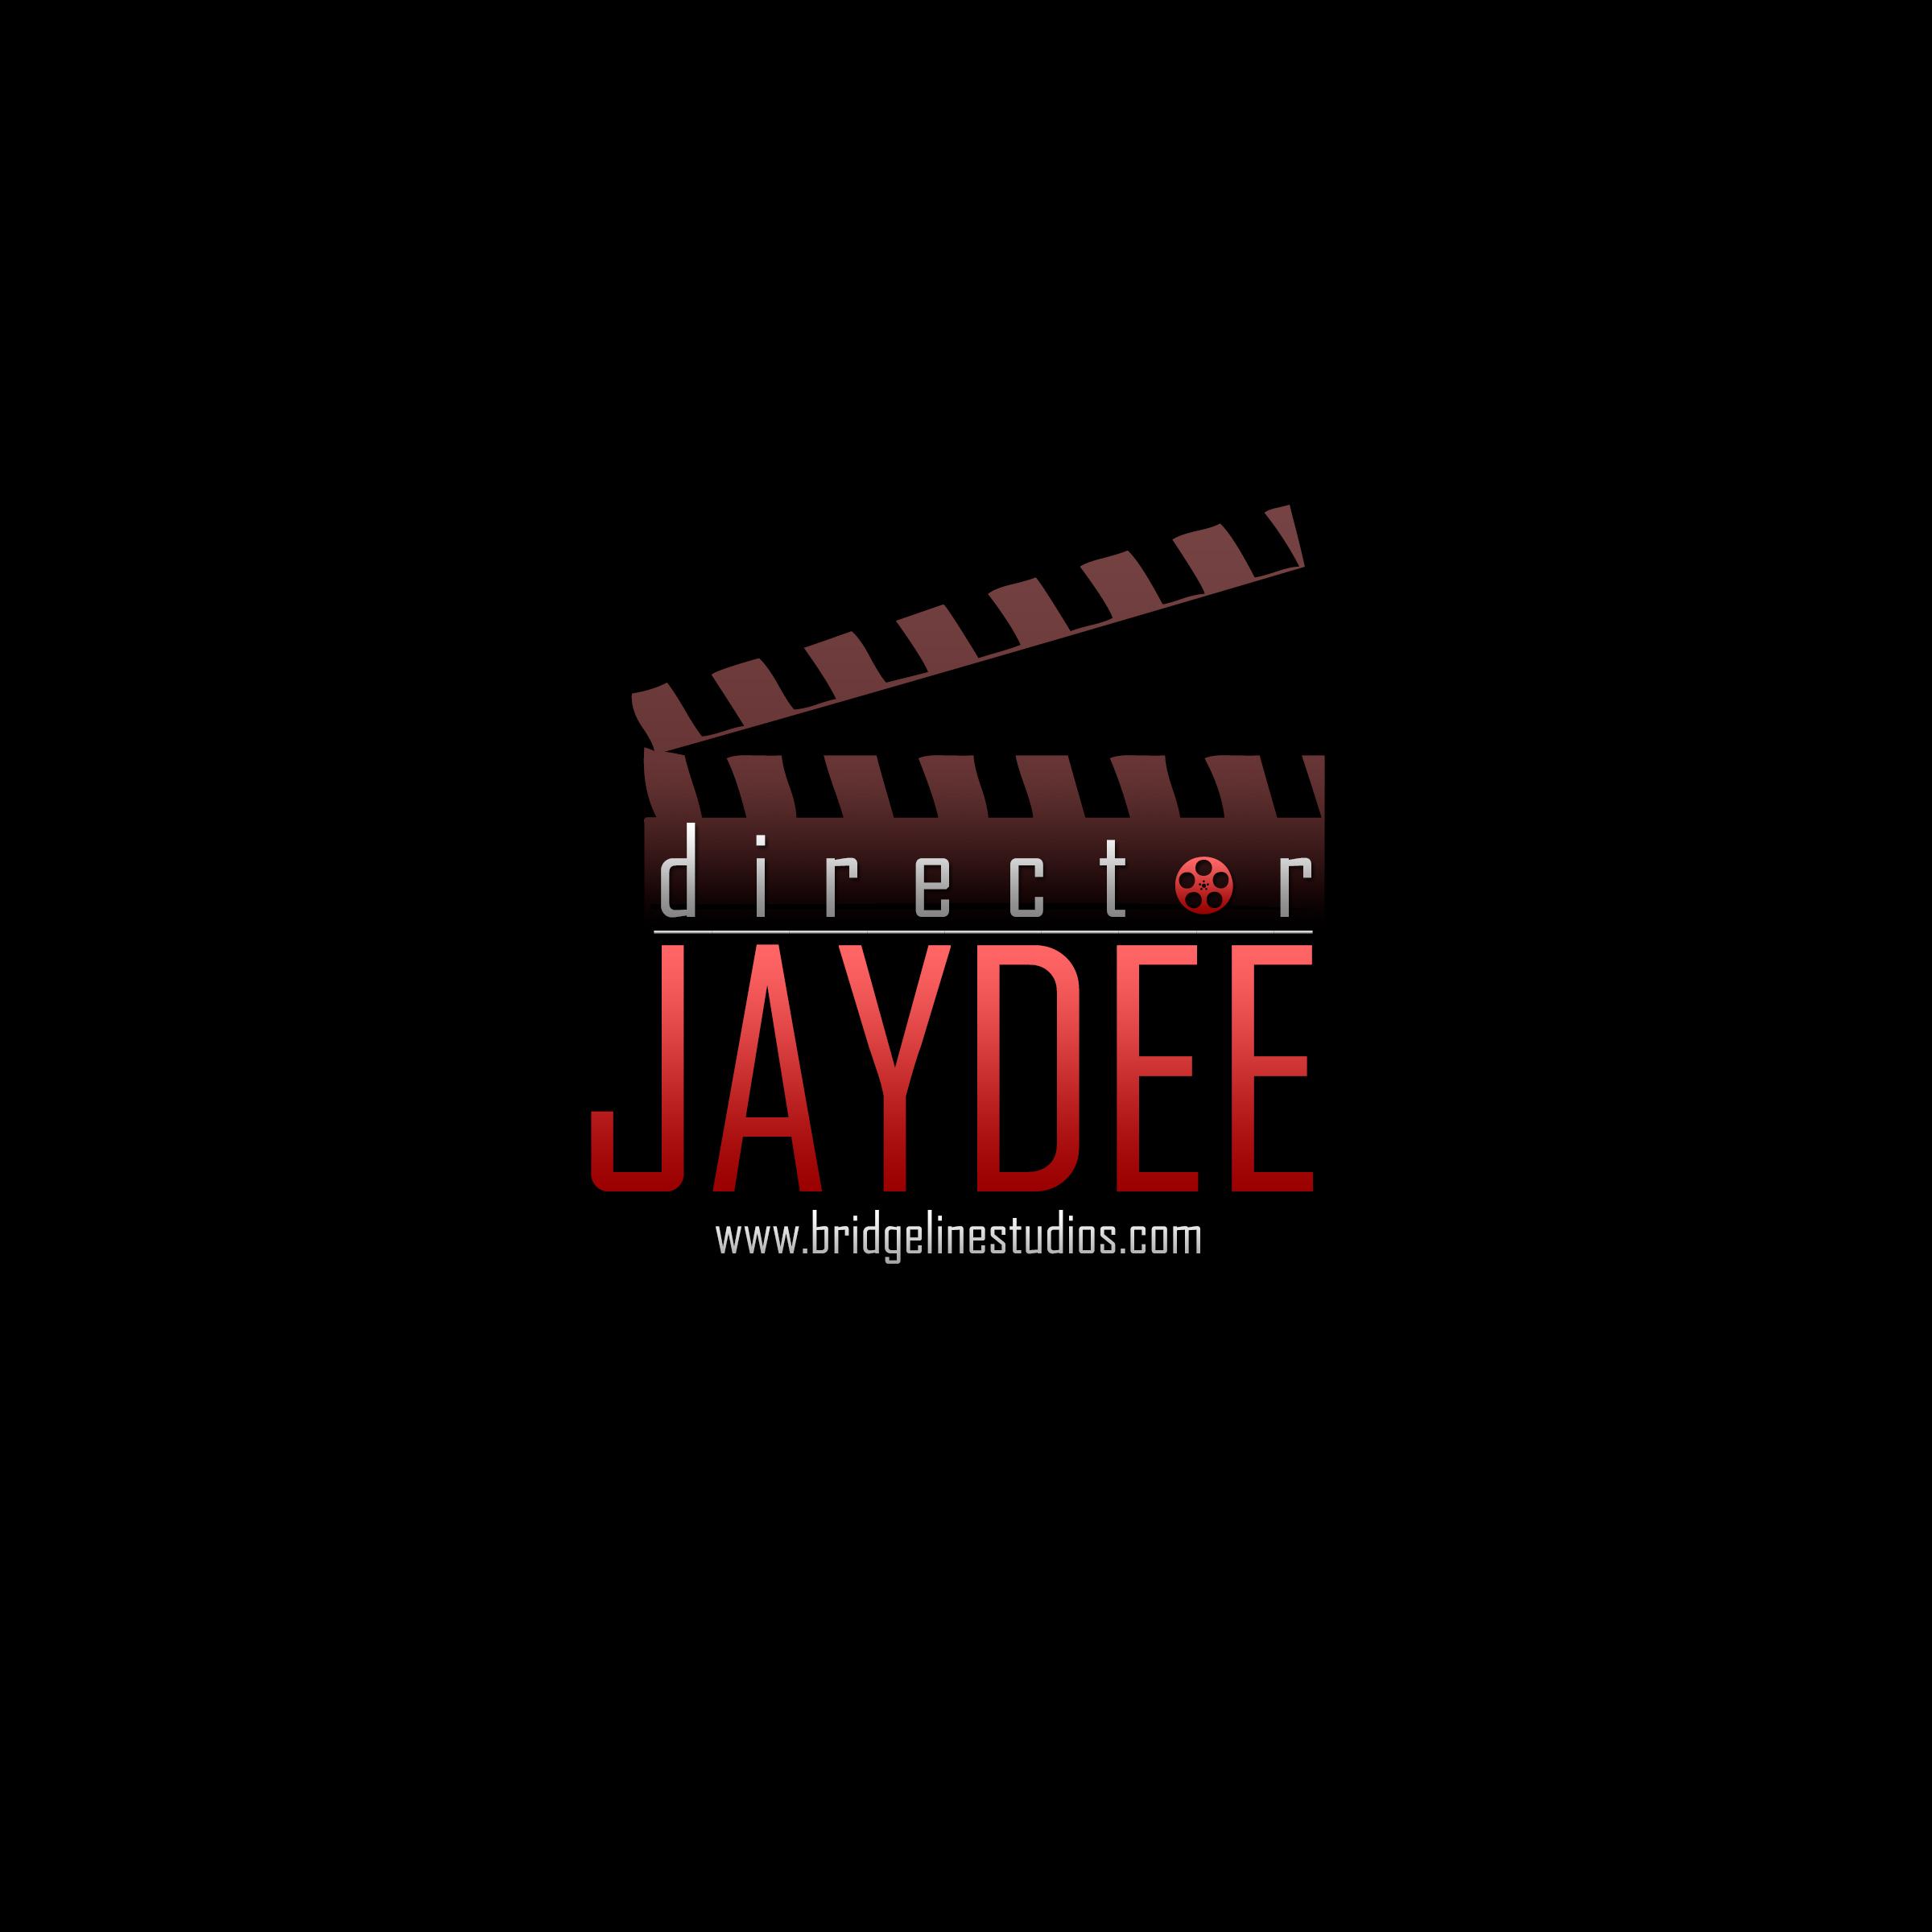 JAYDEE